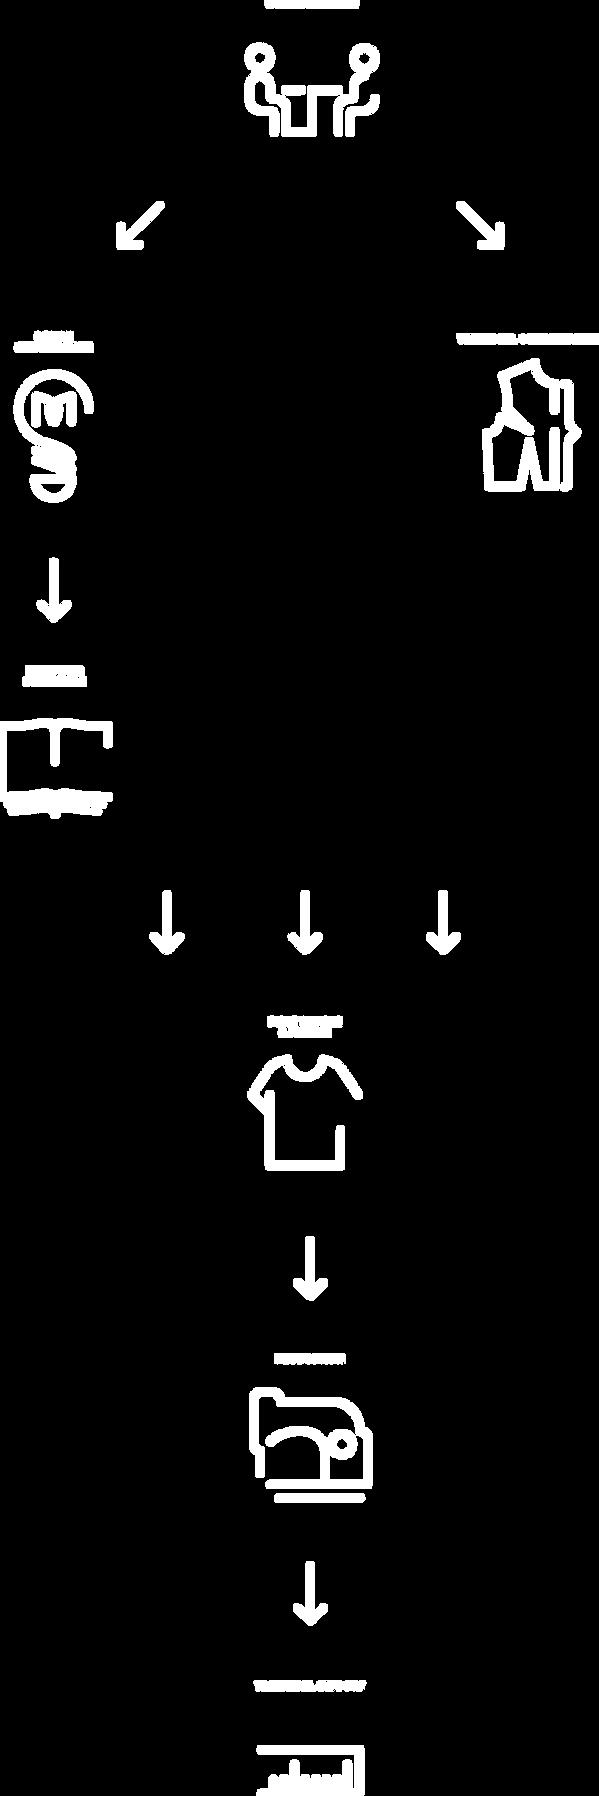 website - uniform - process - icons.png